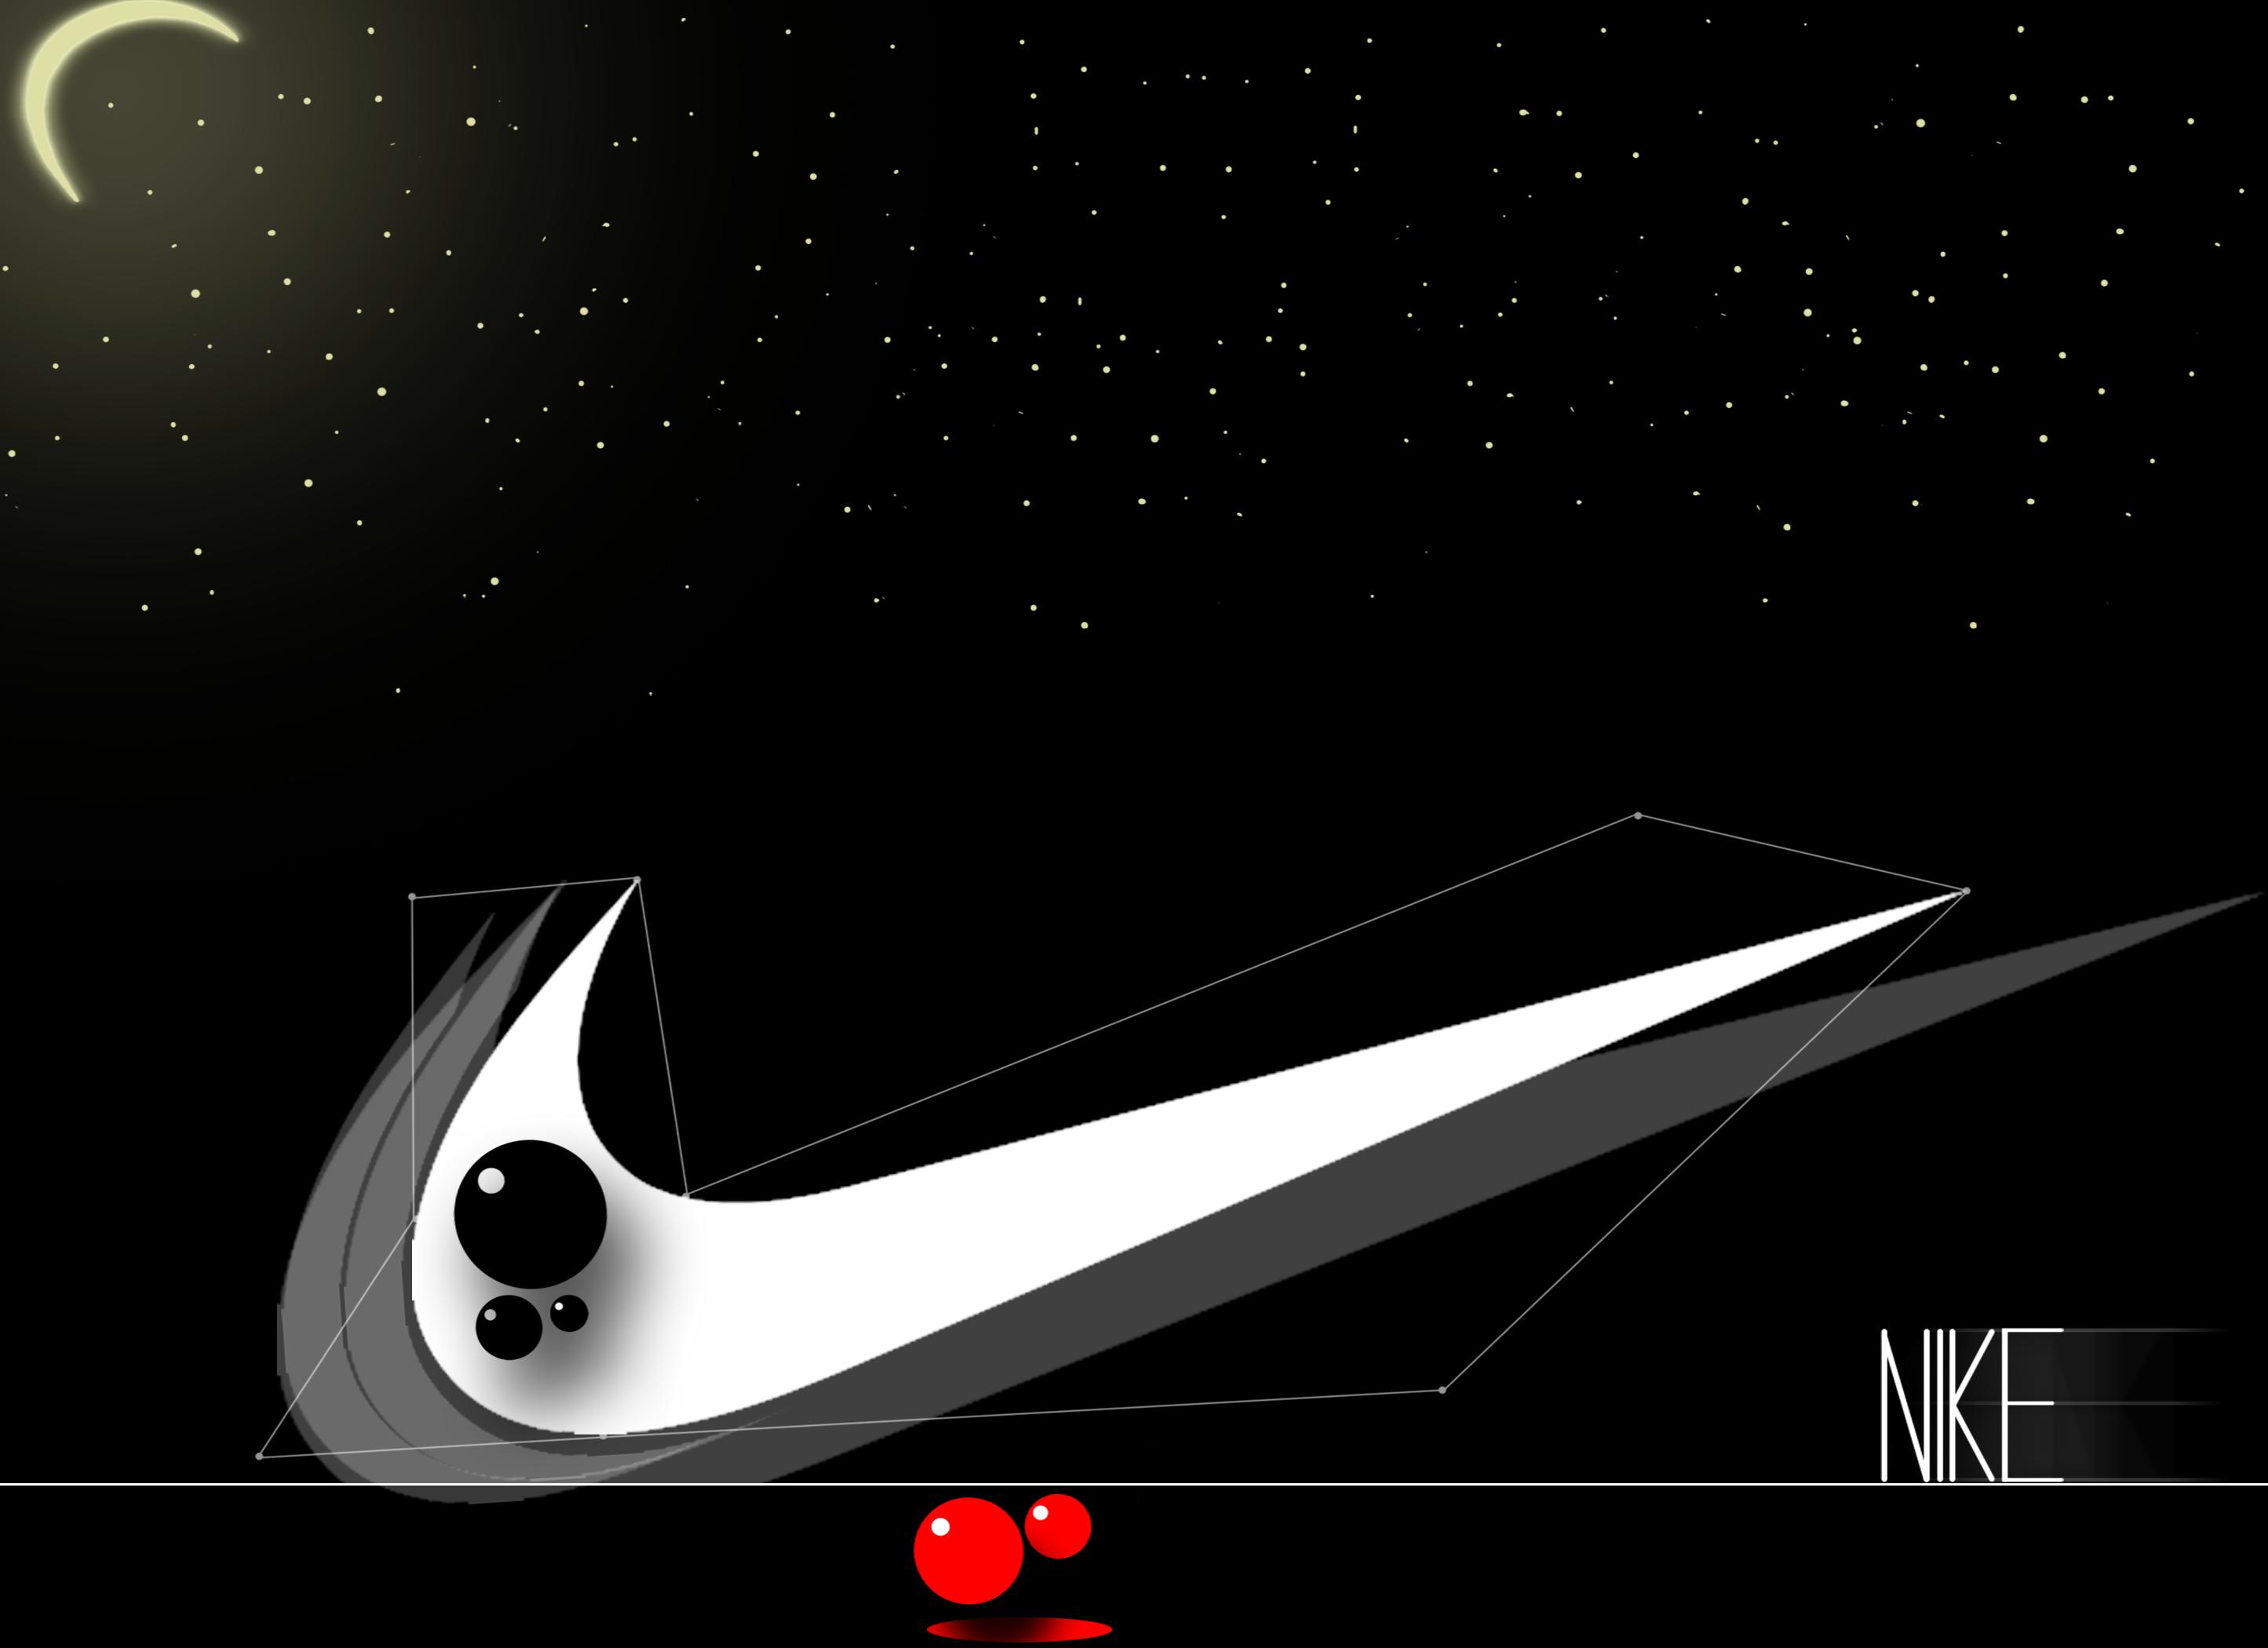 reserva medianoche Custodio  Nike Fan Art by SeanJustinGossler on DeviantArt